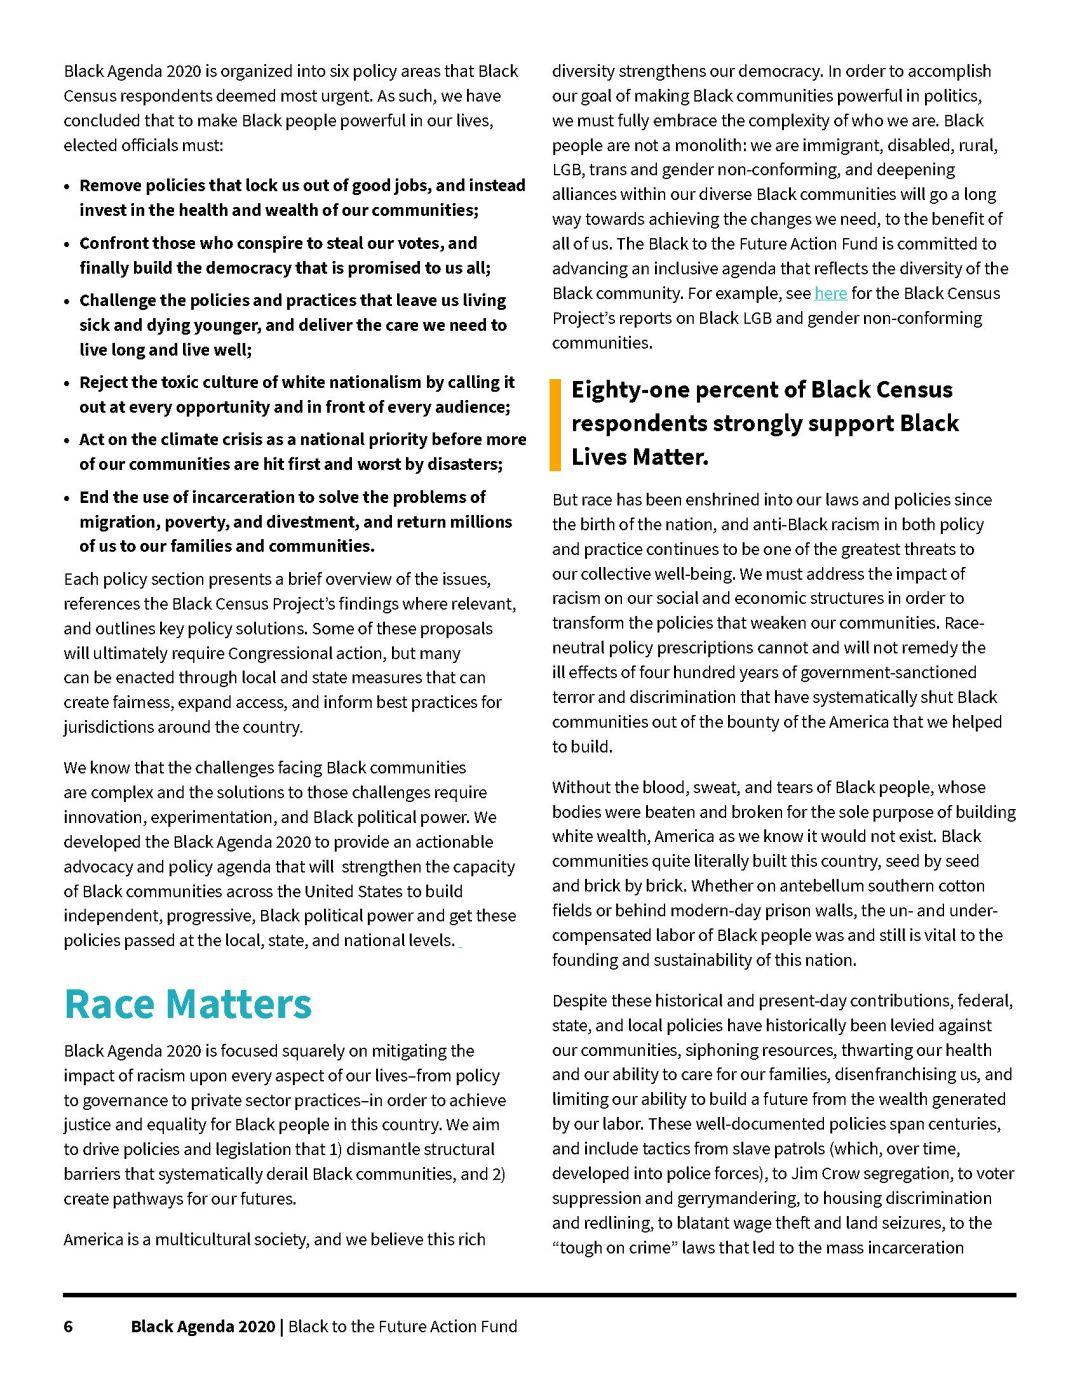 BlackAgenda2020_Page_06